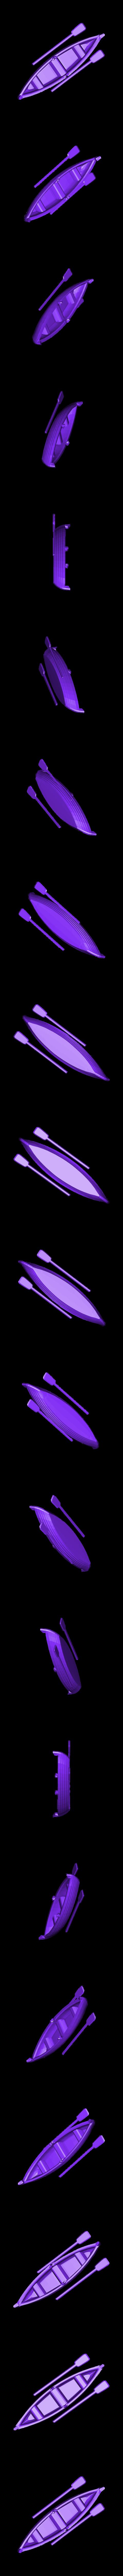 Boat.stl Télécharger fichier STL gratuit Bateau • Modèle imprimable en 3D, 3DBuilder